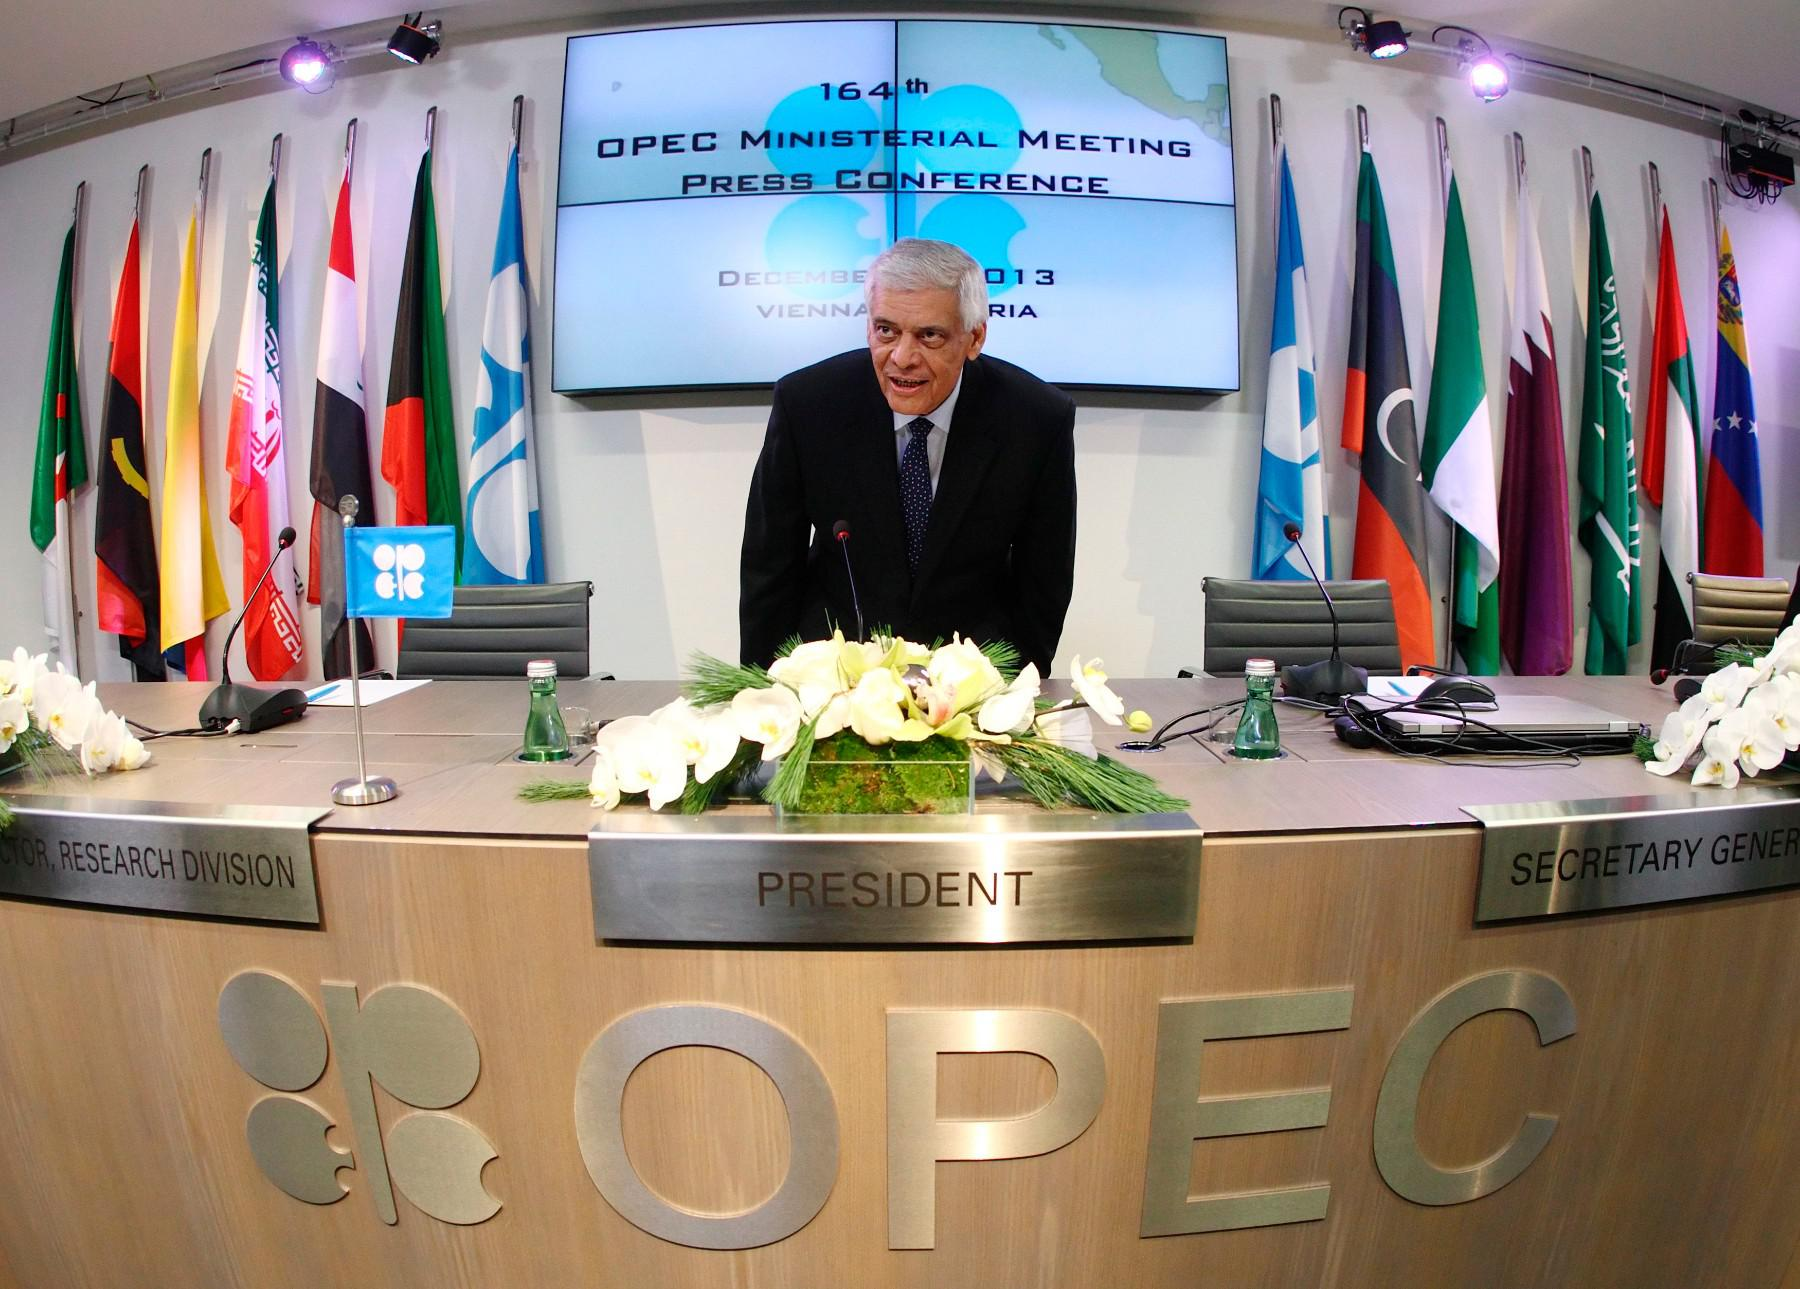 Изображение ОПЕК и ОПЕК+ почти достигли согласия - какую цену на нефть следует ожидать в ближайшем времени